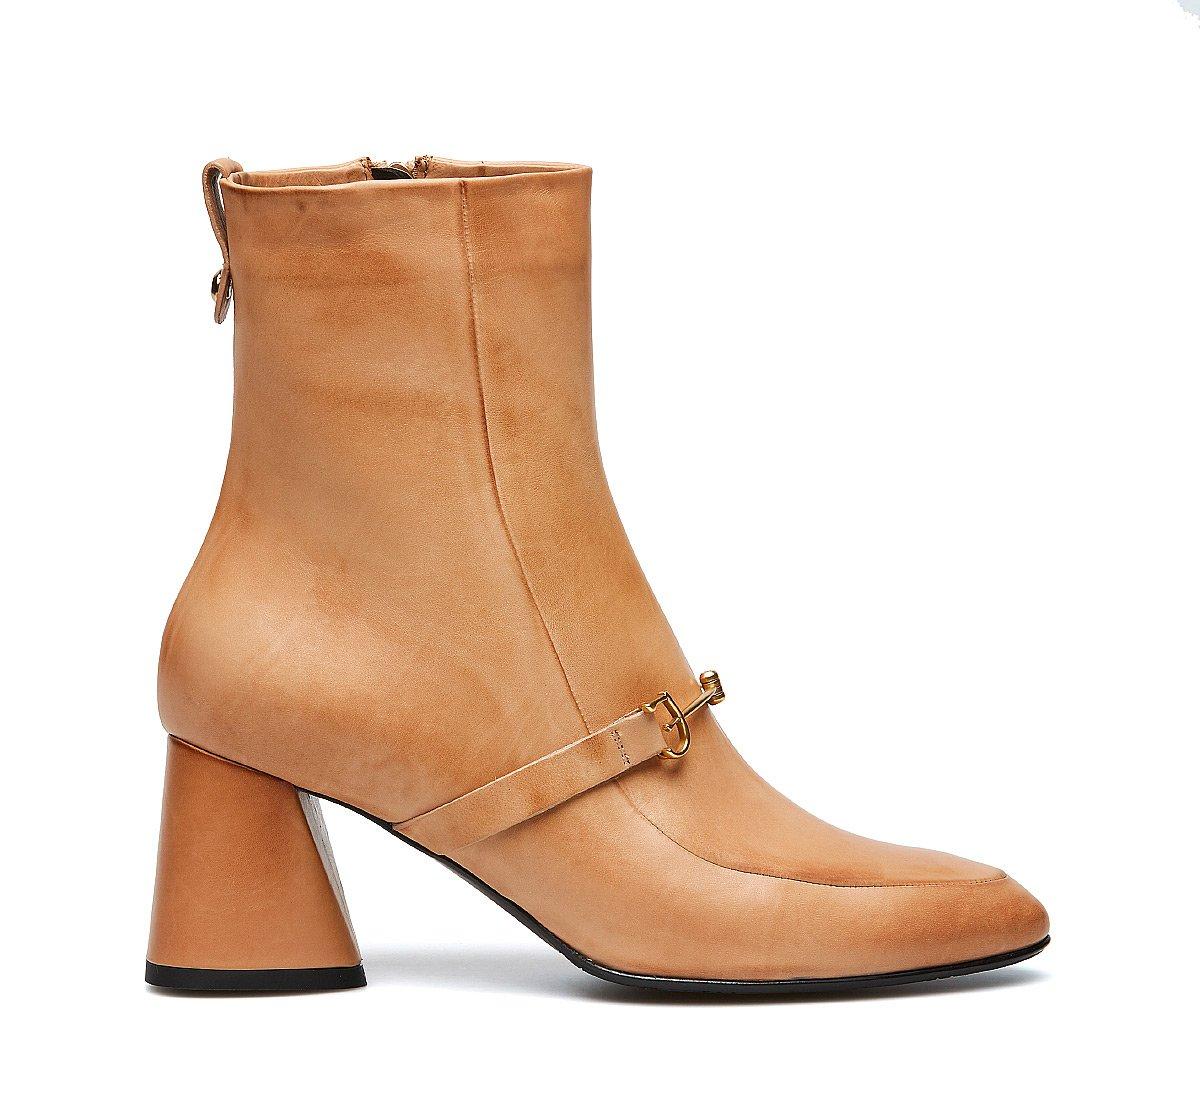 Ботинки-дезерты Fabi iconic из мягкой телячьей кожи